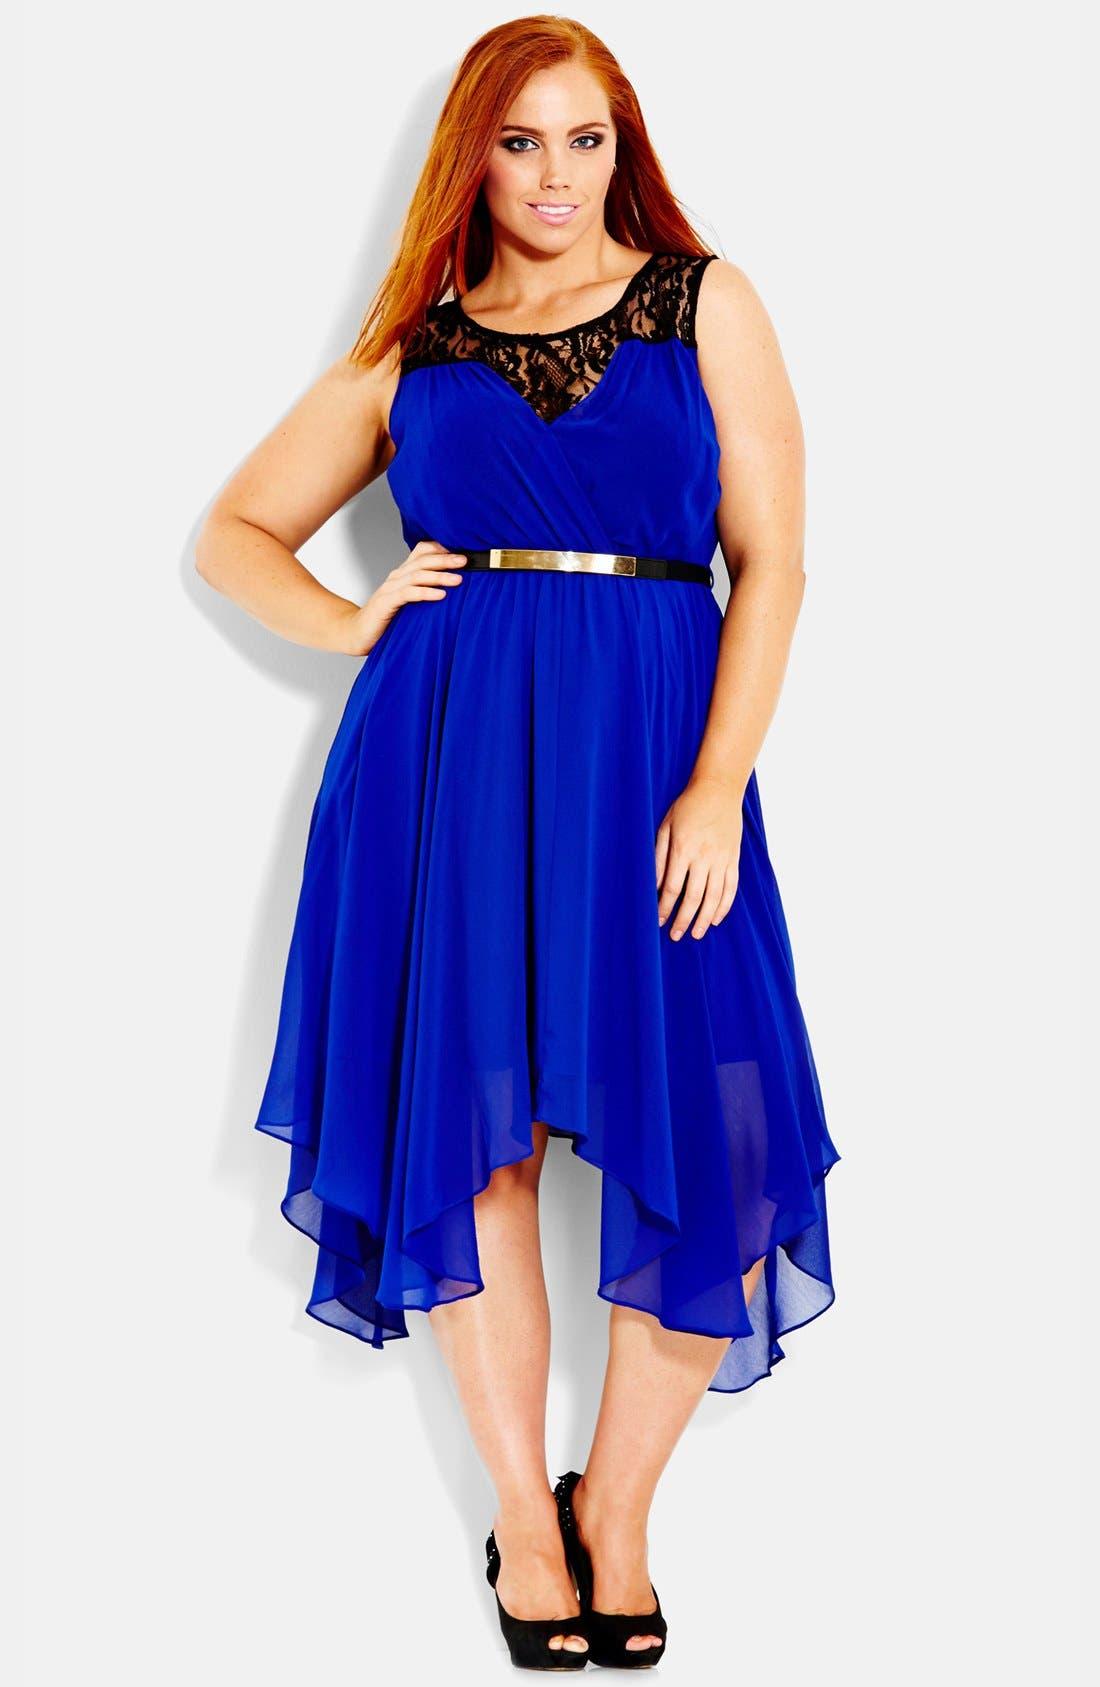 Alternate Image 1 Selected - City Chic Chiffon & Lace Keyhole Dress (Plus Size)